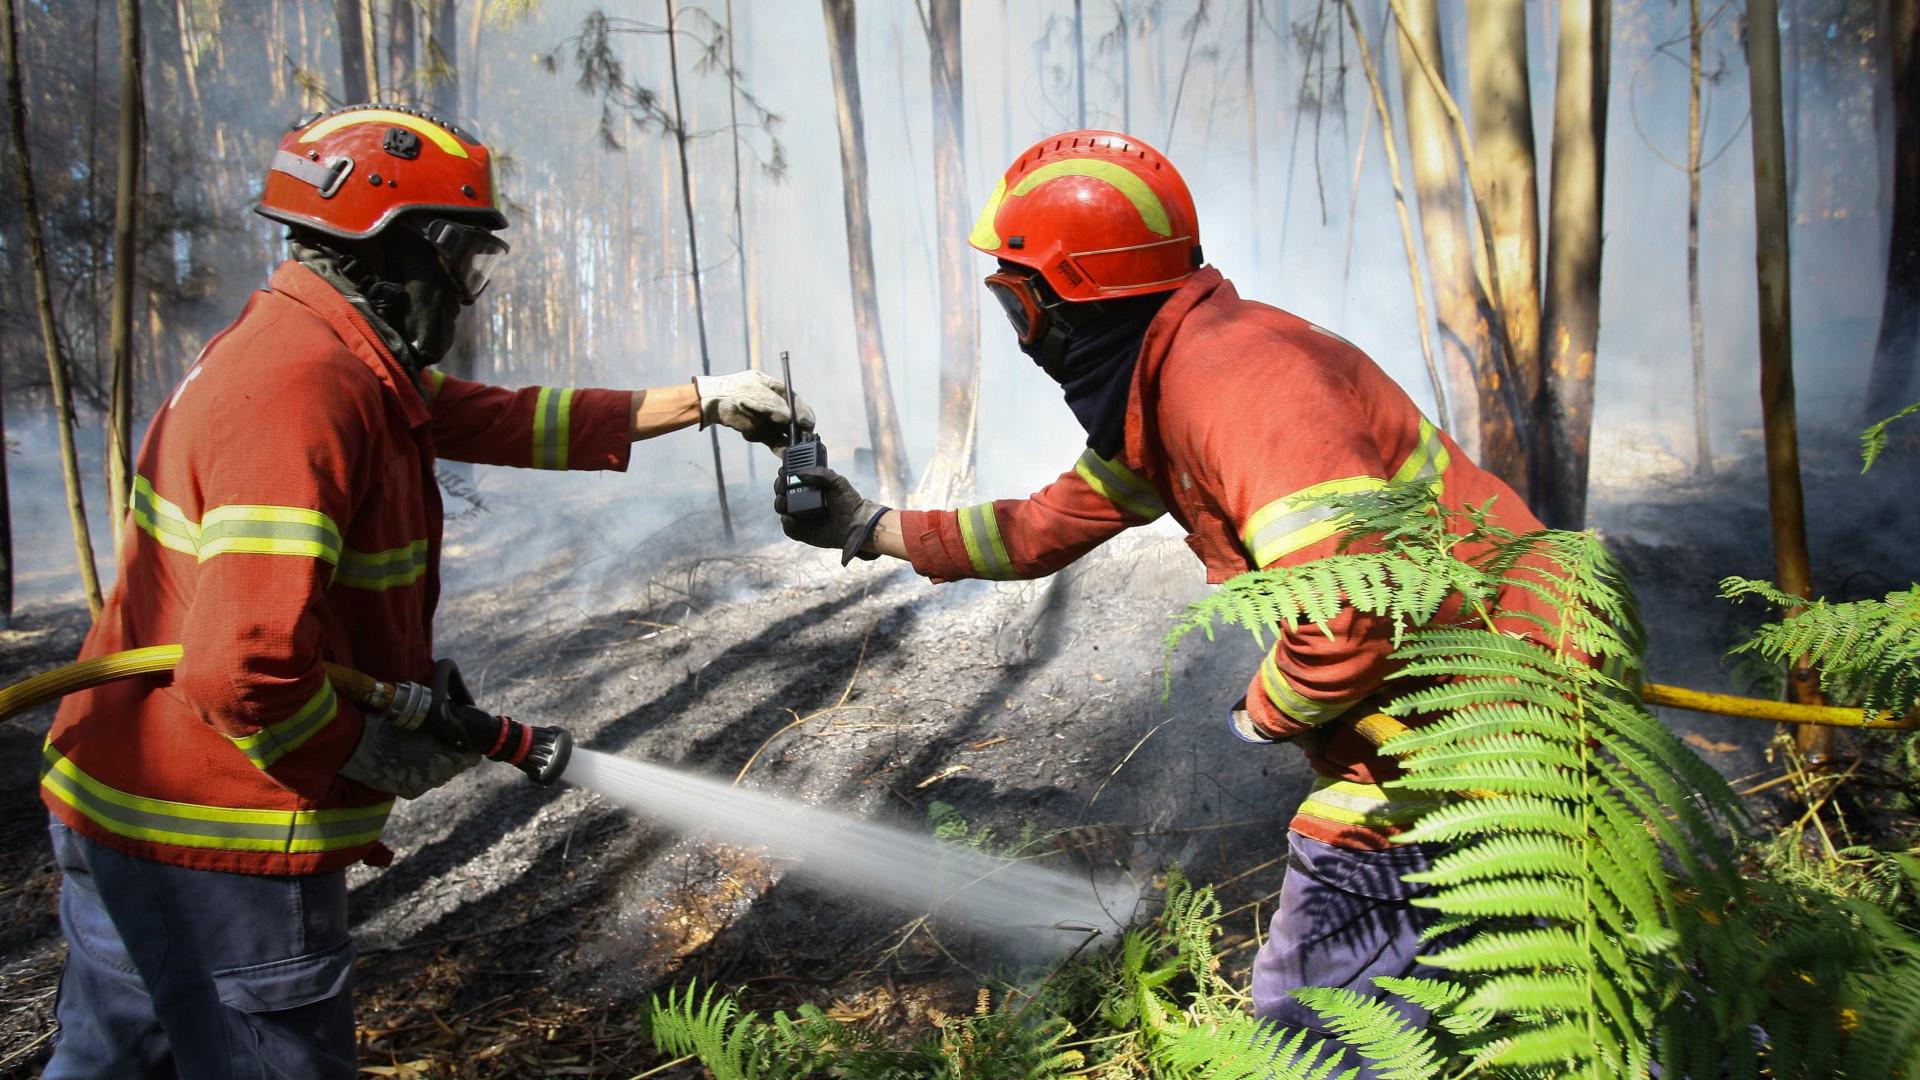 Fogo em Trajouce, Cascais, em fase de rescaldo